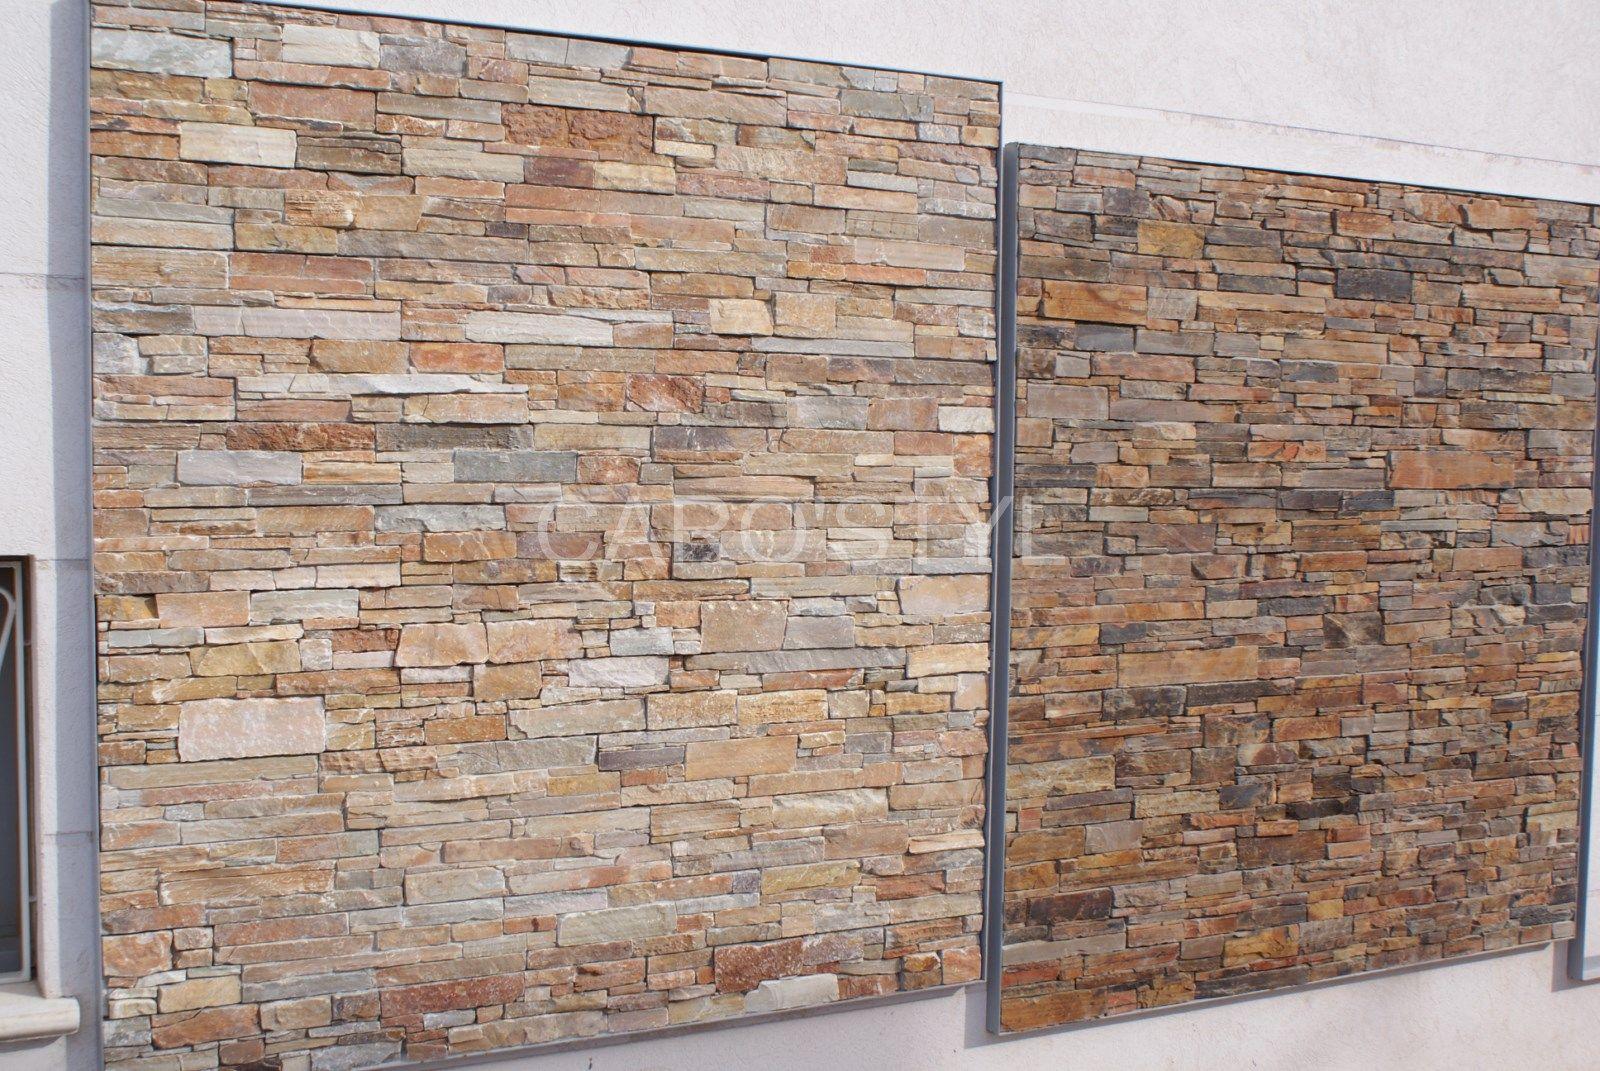 Habiller Son Mur Extérieur Ou Intérieur En Pierre Naturelle ... intérieur Carrelage Pour Mur Extérieur